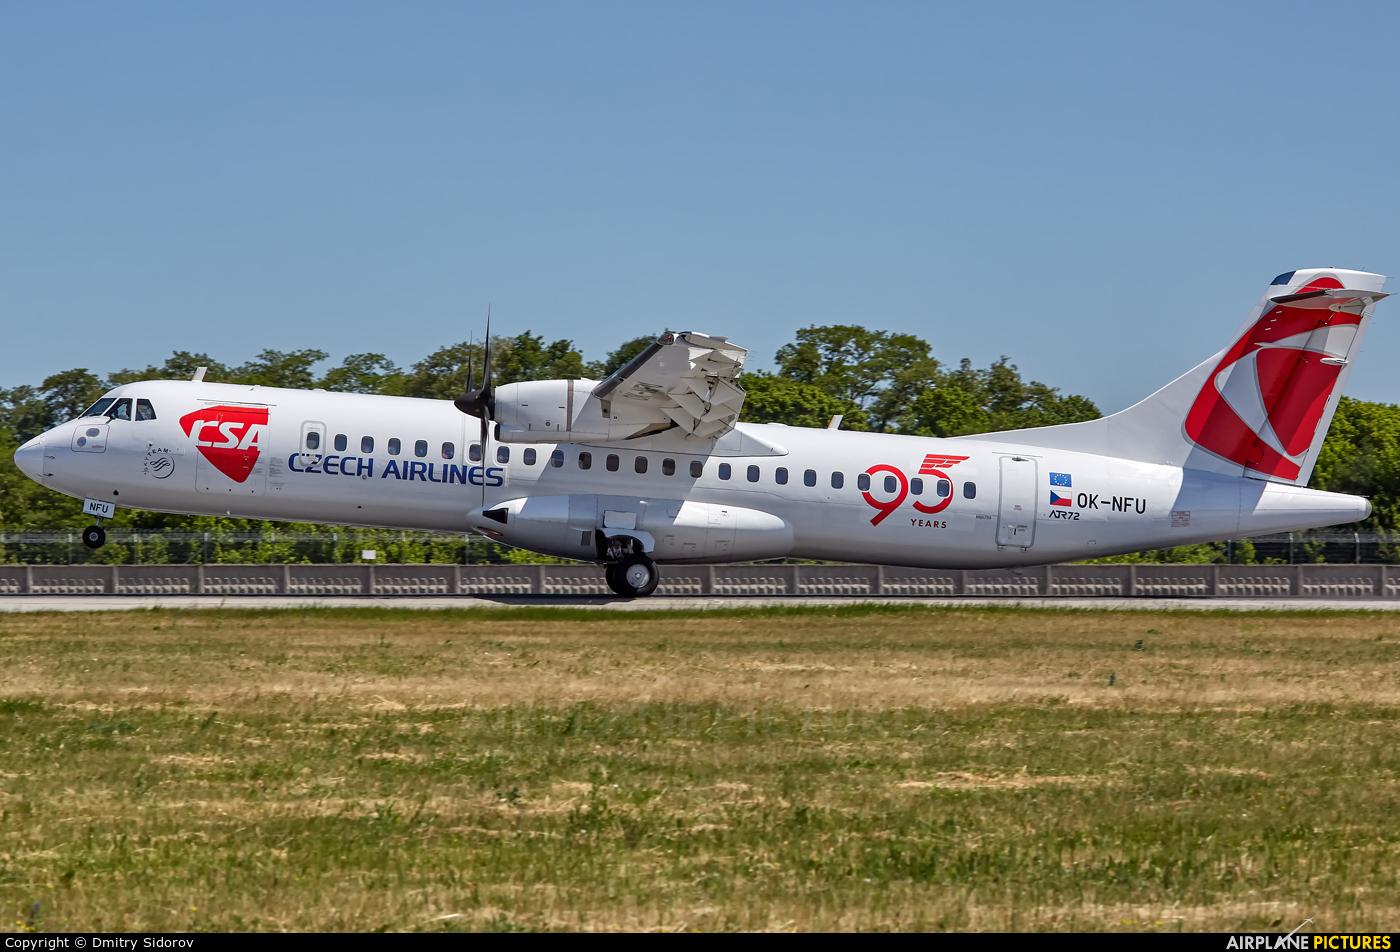 CSA - Czech Airlines OK-NFU aircraft at Kyiv - Borispol